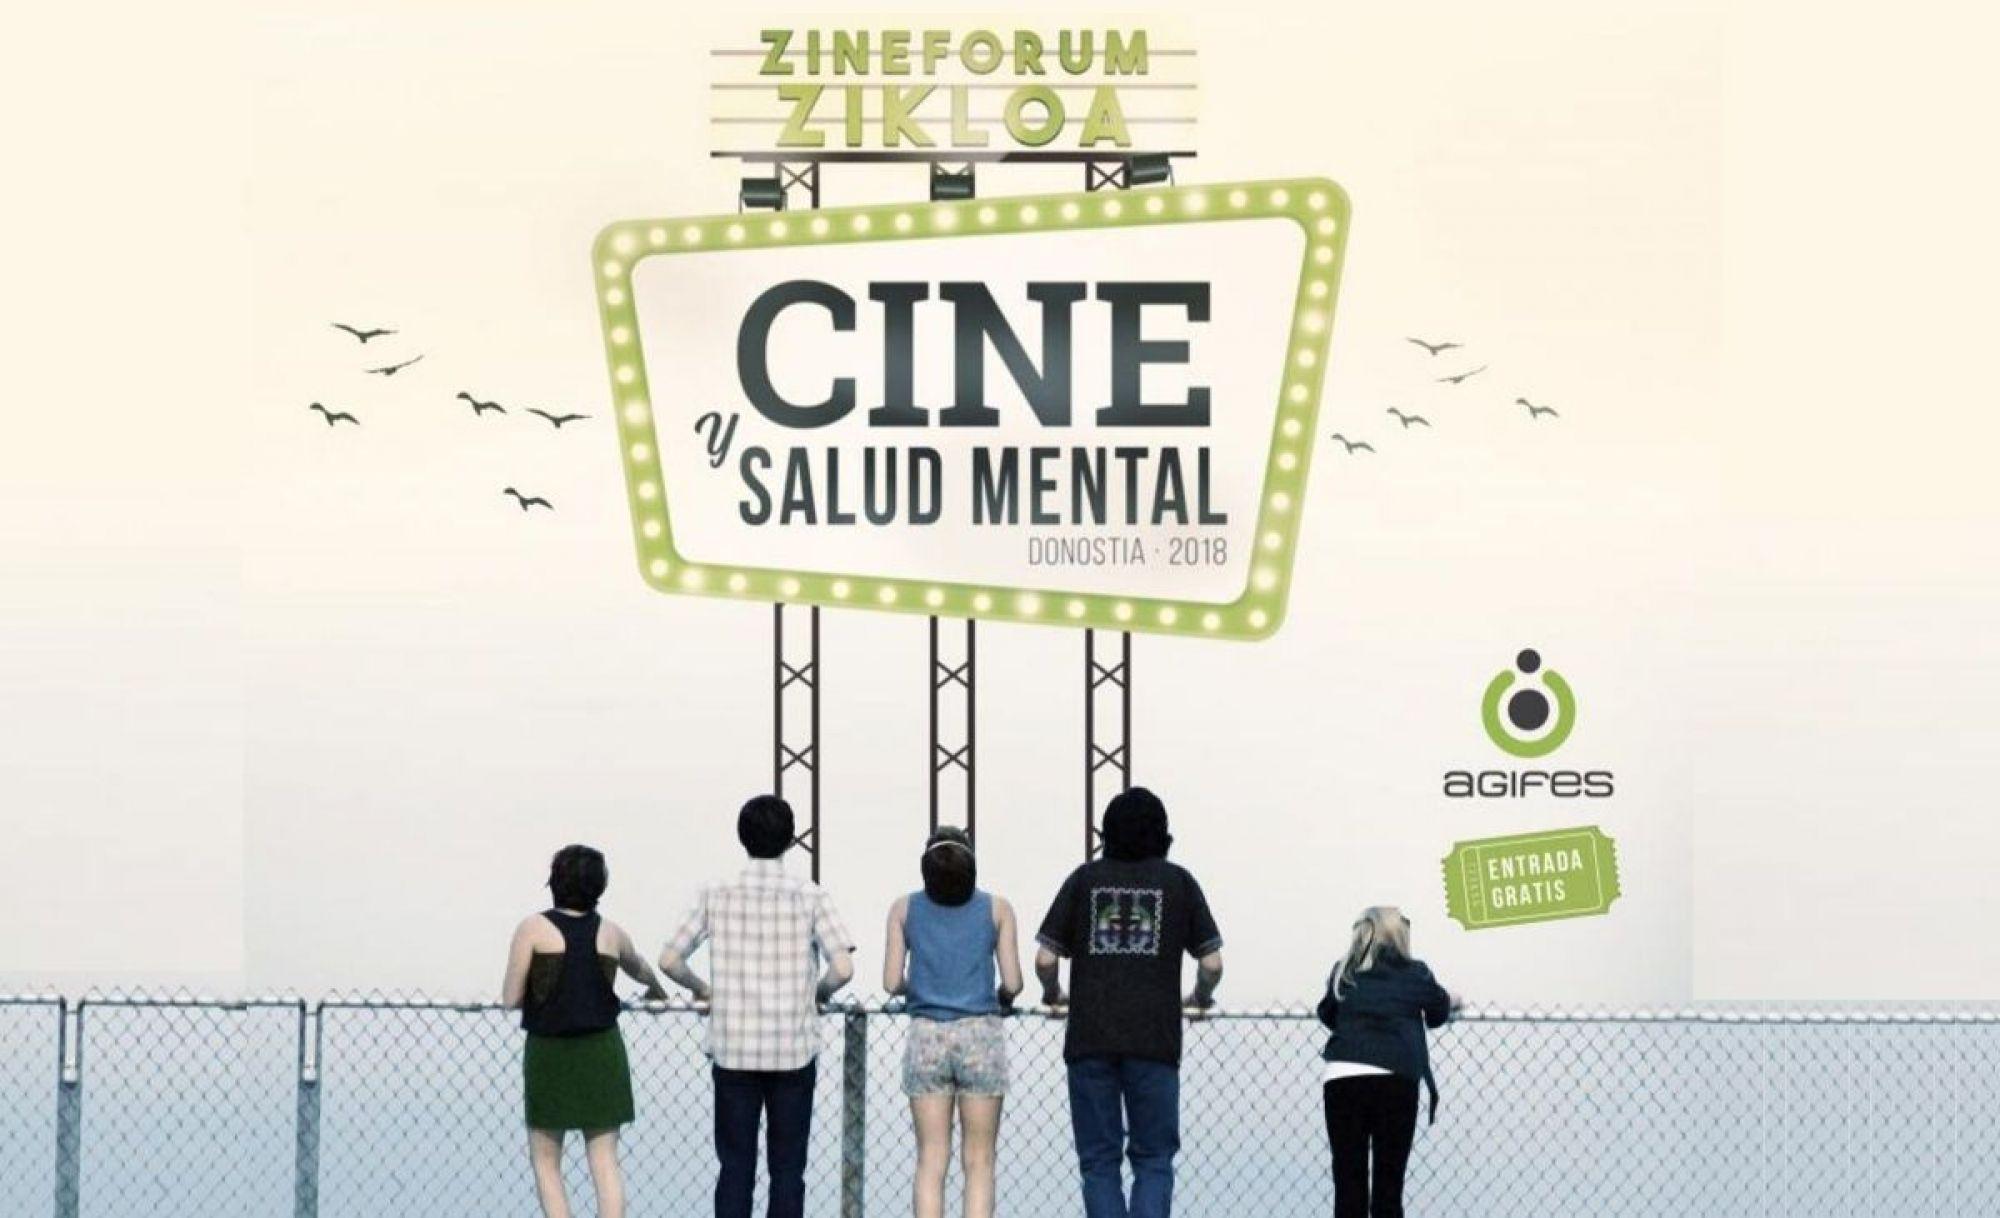 Agifes_Cine_Salud_Mental